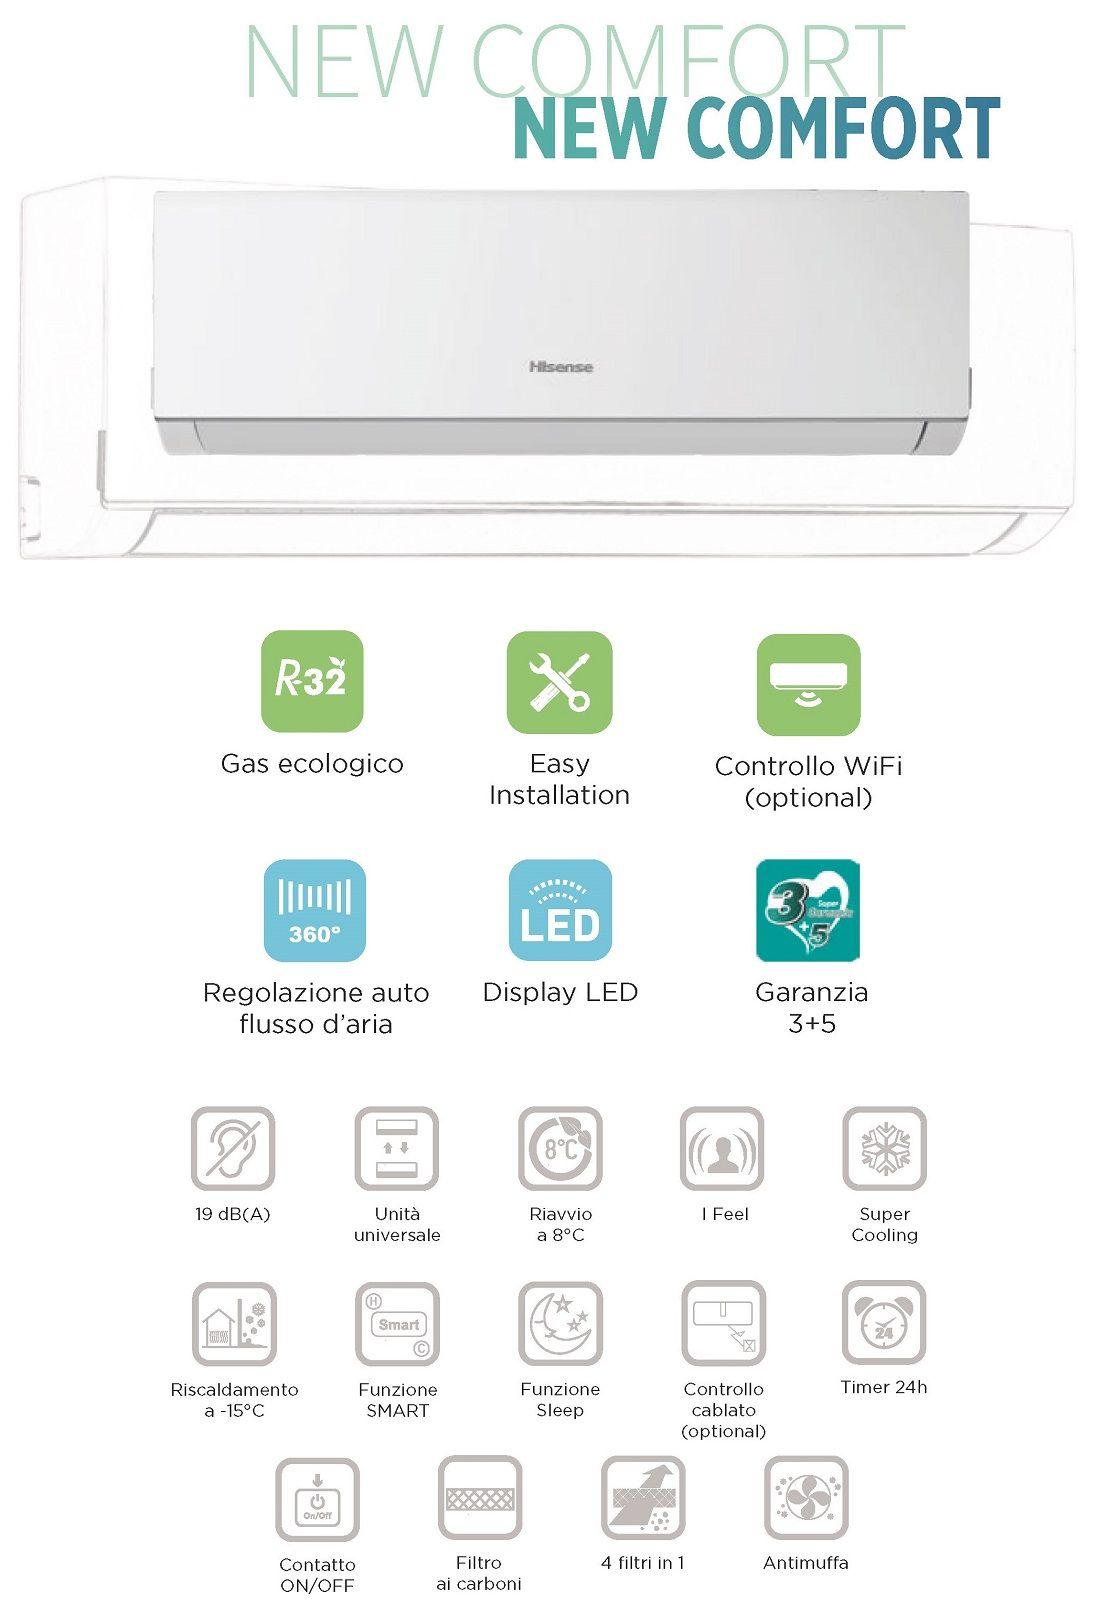 Condizionatore Hisense Mono Split 18000 Btu Serie New Comfort A++/A+